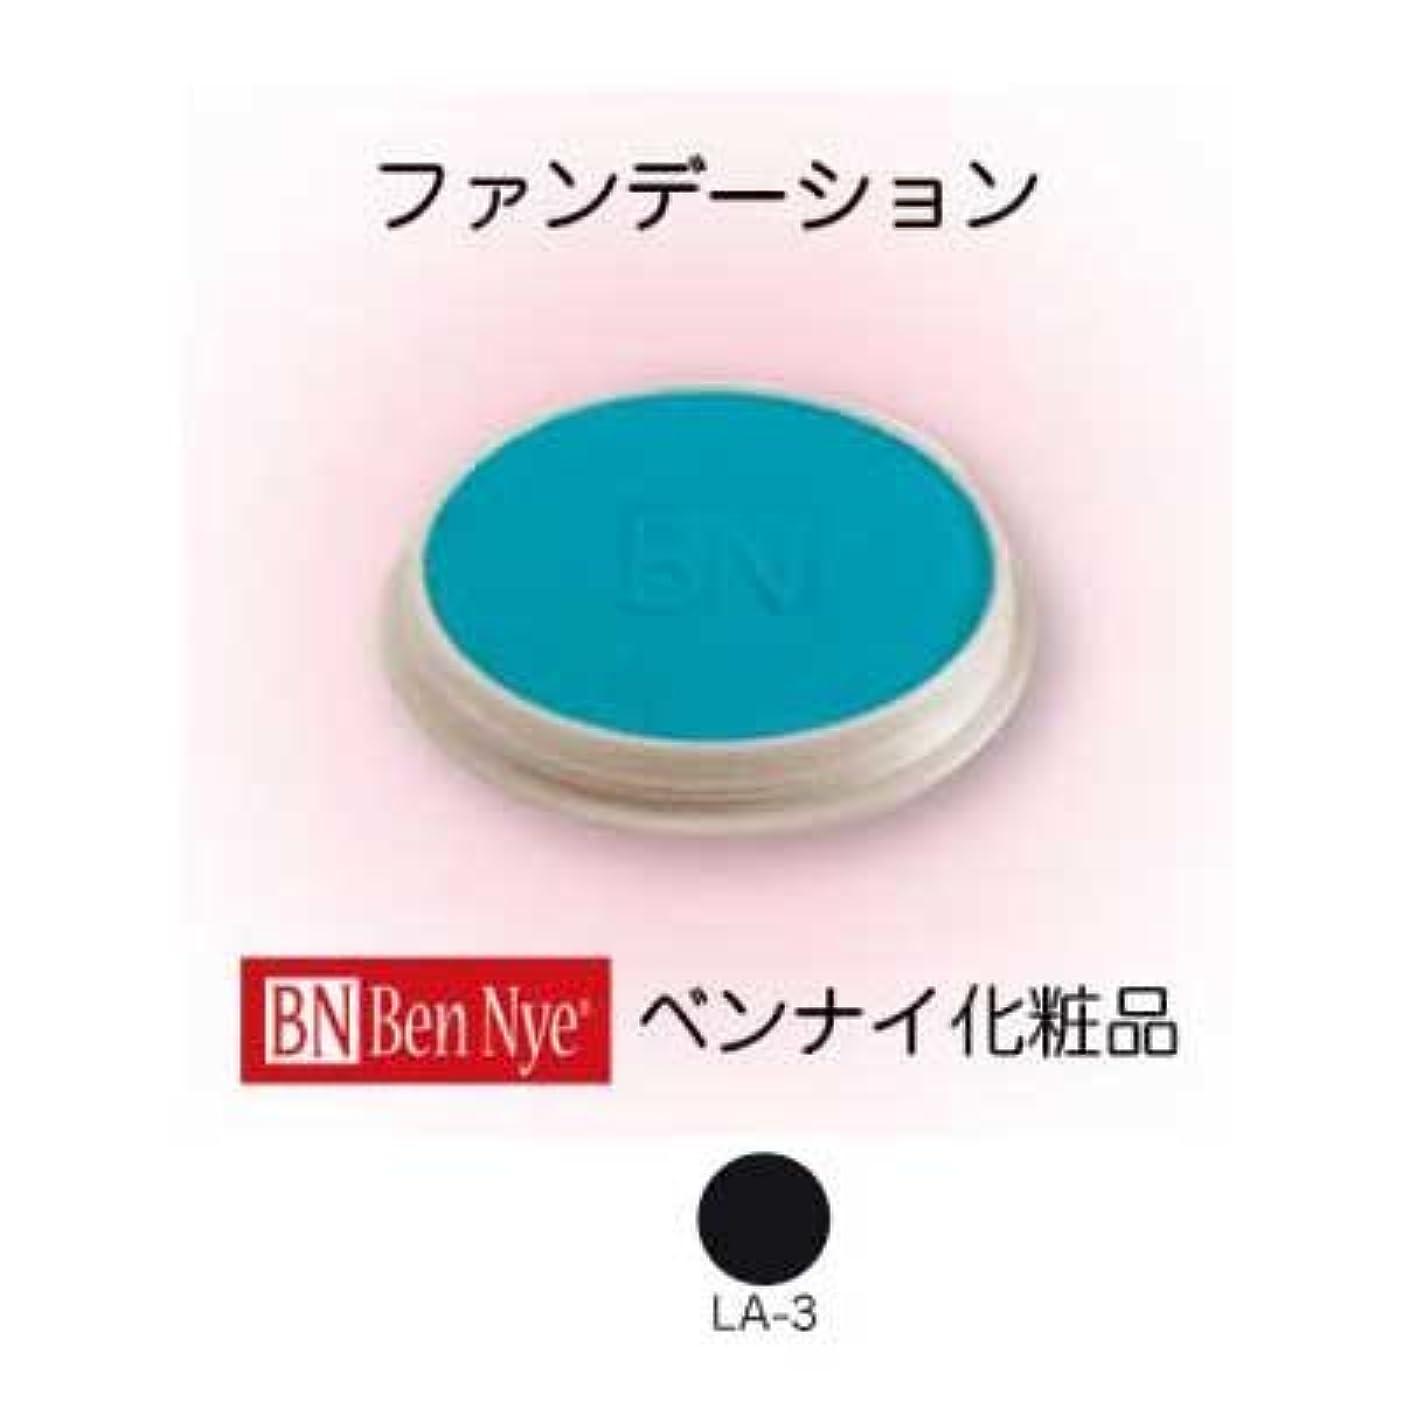 羨望集まる指定マジケーキ LA-3【ベンナイ化粧品】